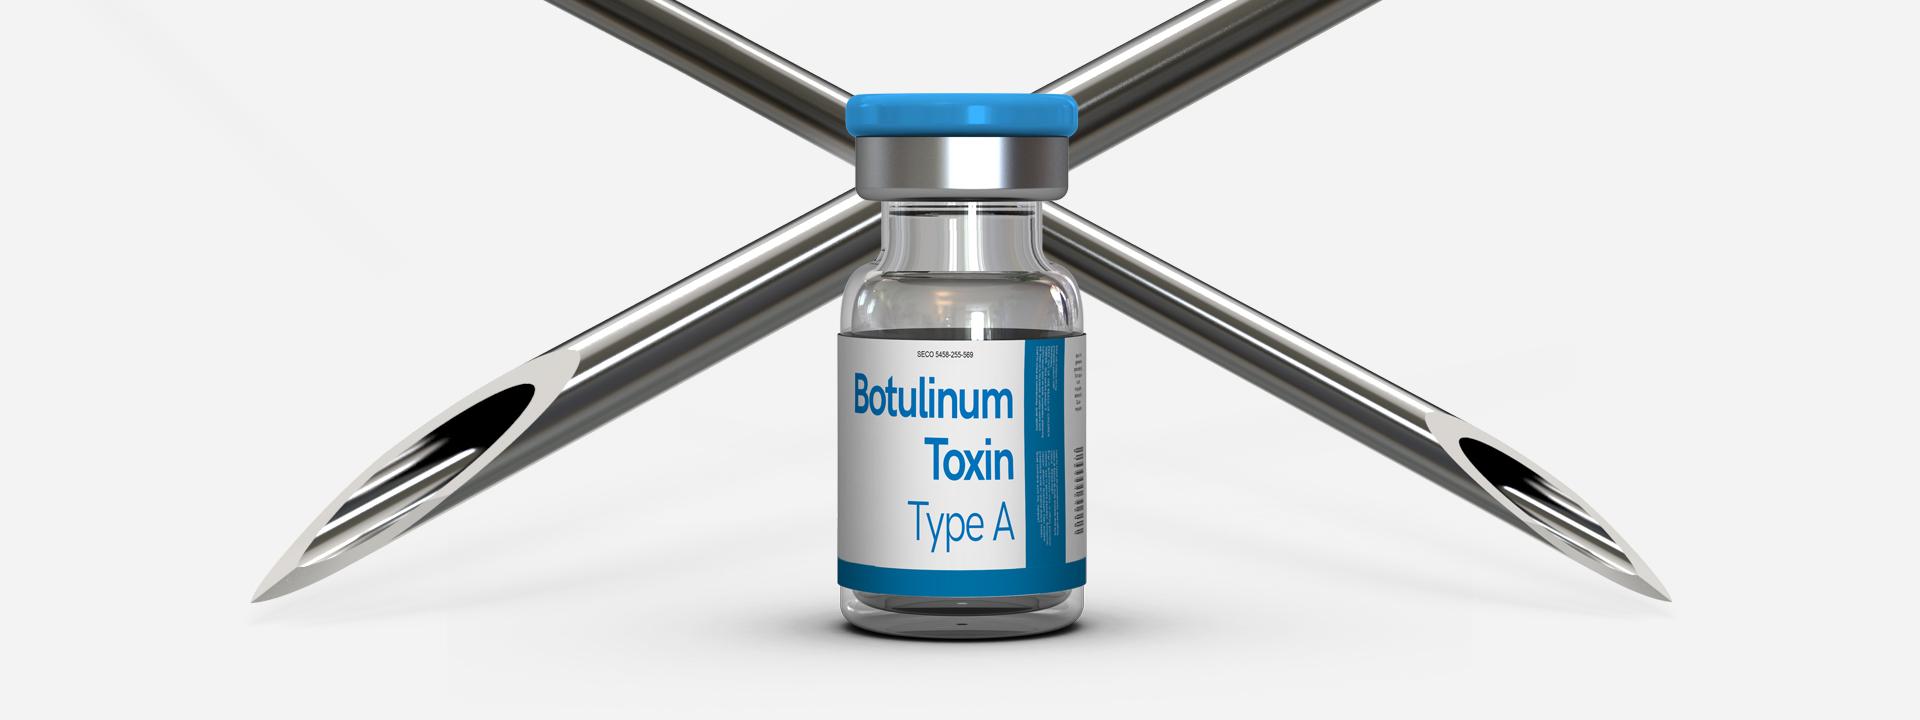 Botulinum toxin teszt